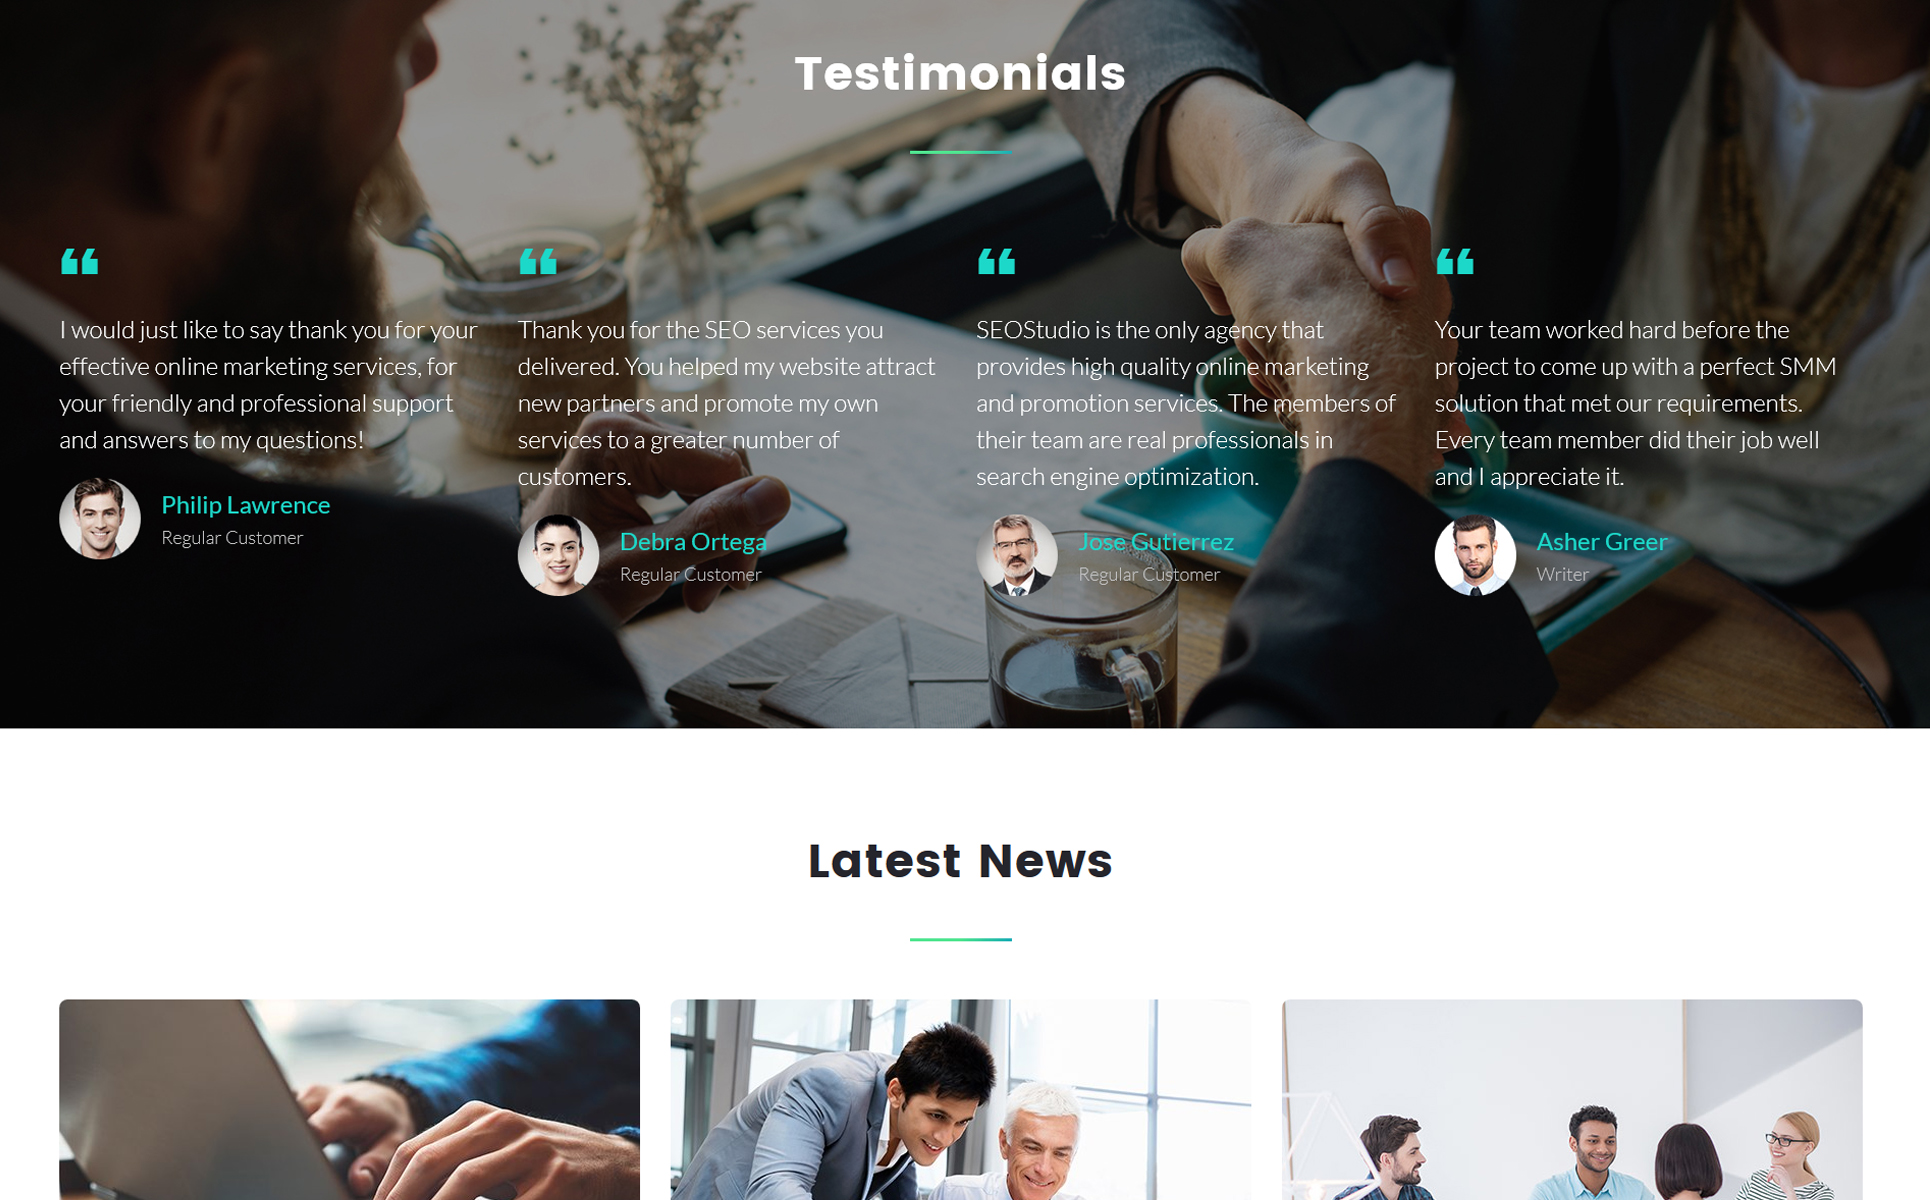 Plantilla para landing page - Categoría: Negocios - versión para Desktop